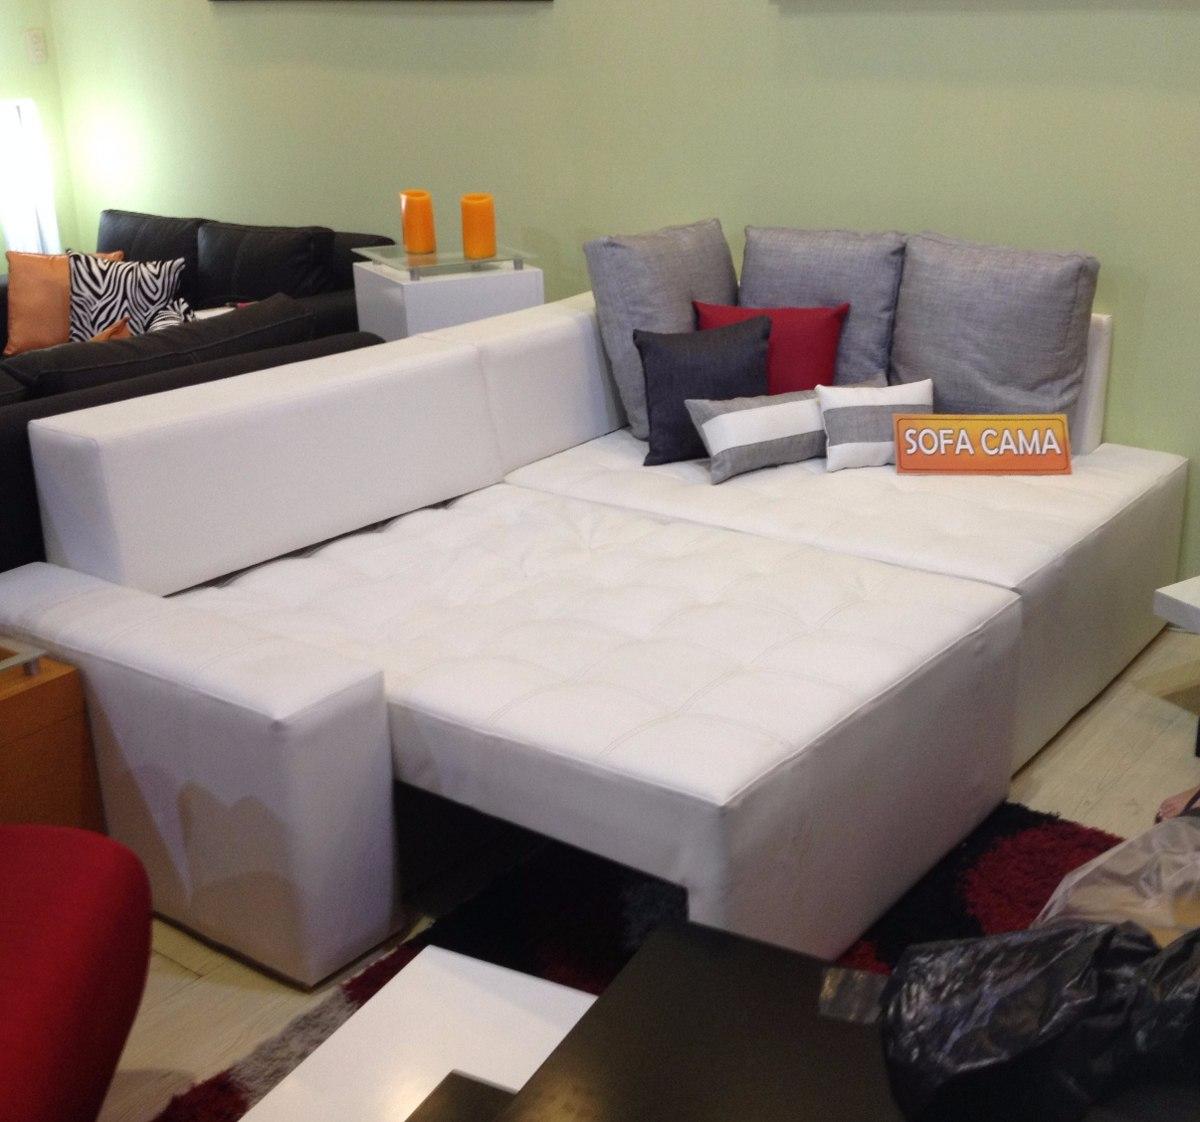 sofa cama mercado libre venezuela corner bed with storage australia mueble modular juego de sala en semicuero